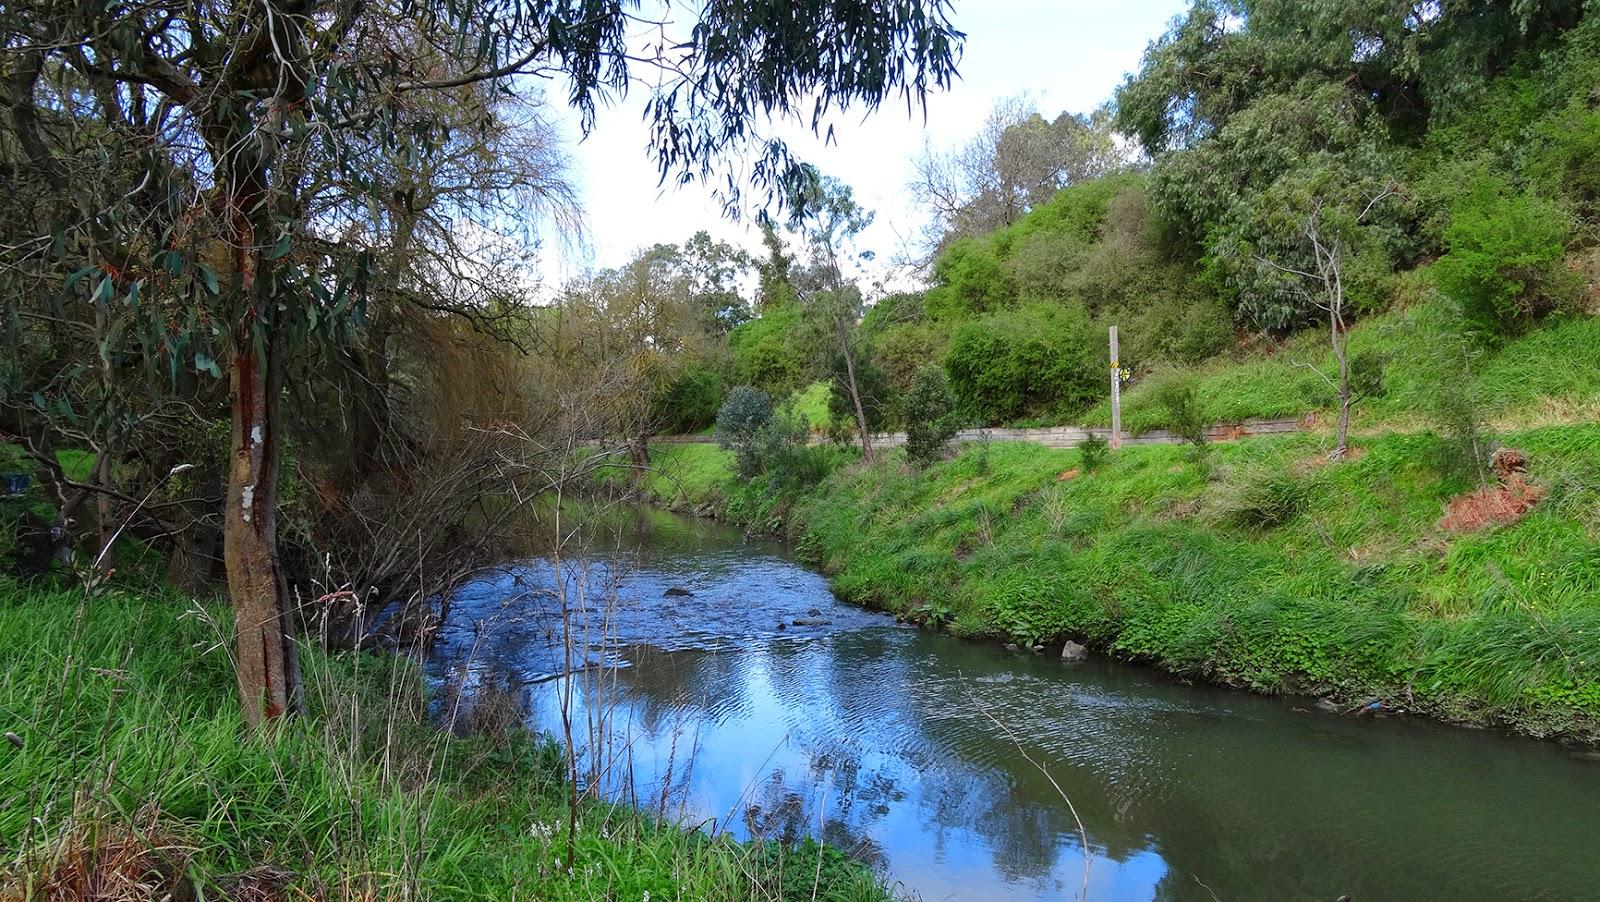 Merri_creek 1.jpg